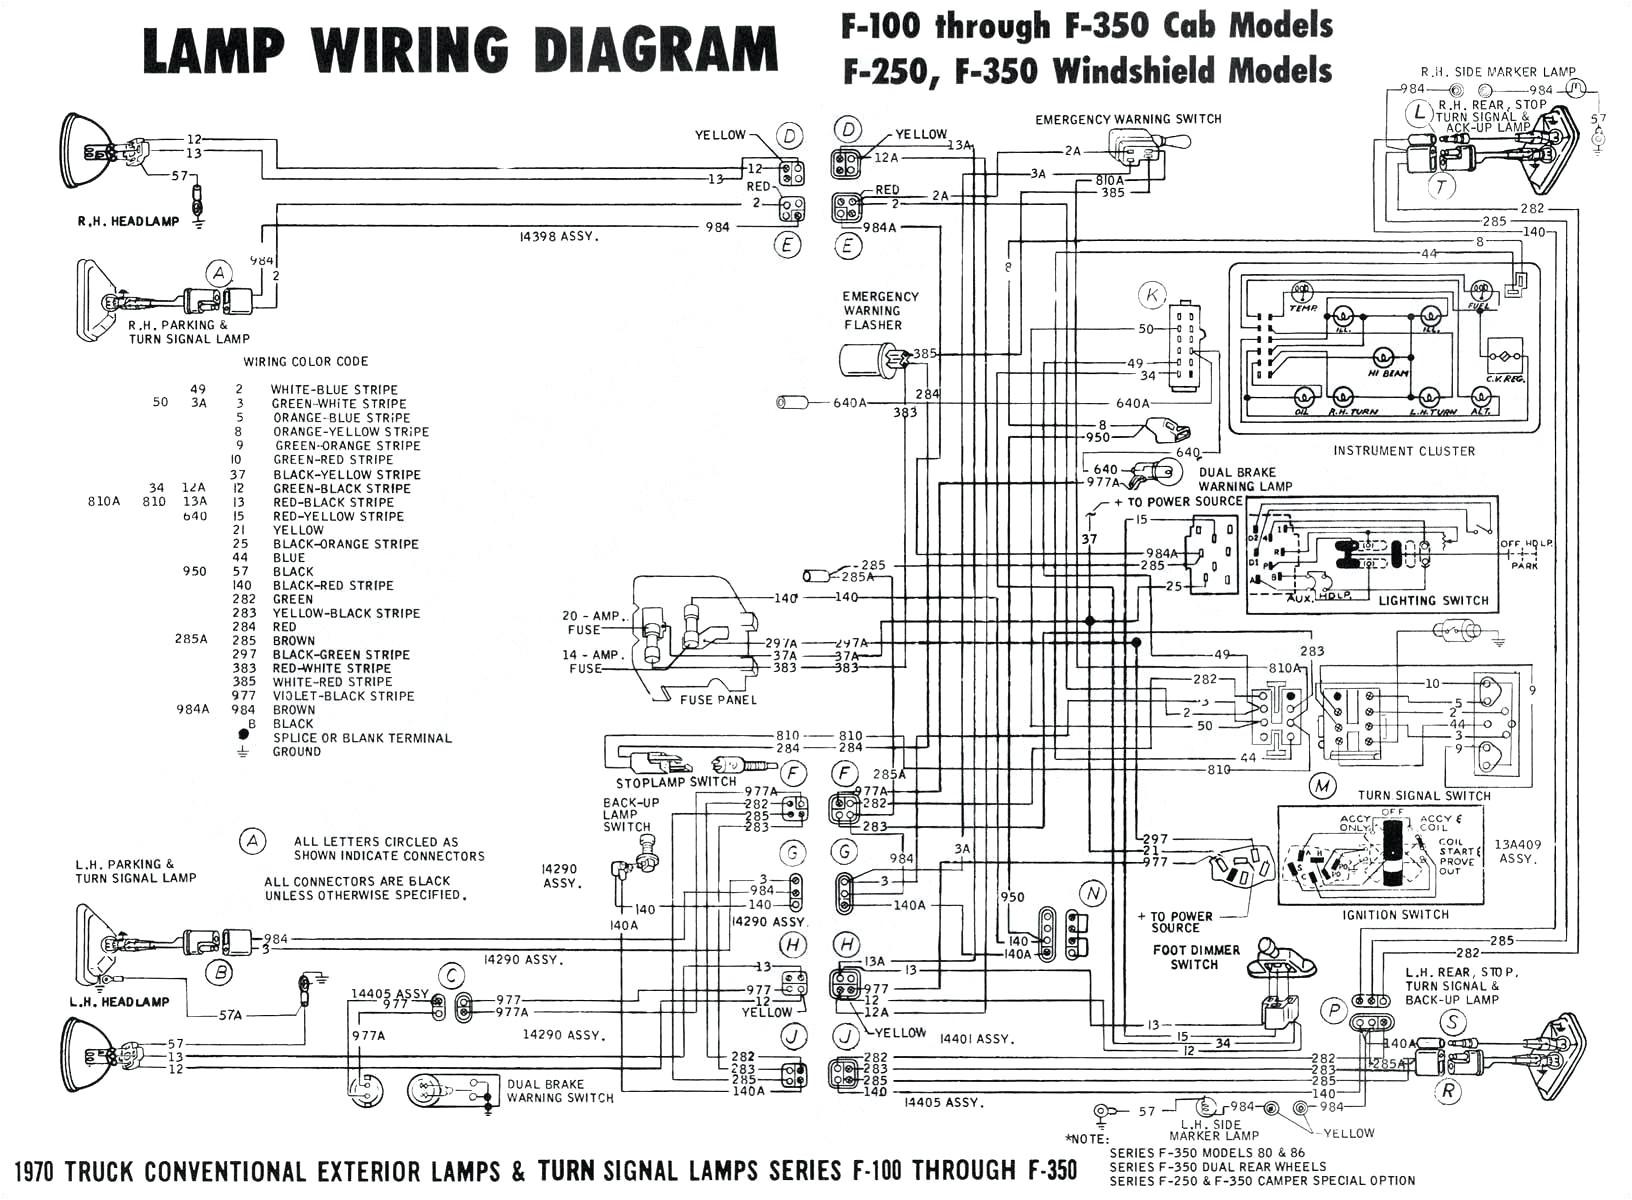 daihatsu transmission diagrams use wiring diagram daihatsu transmission diagrams